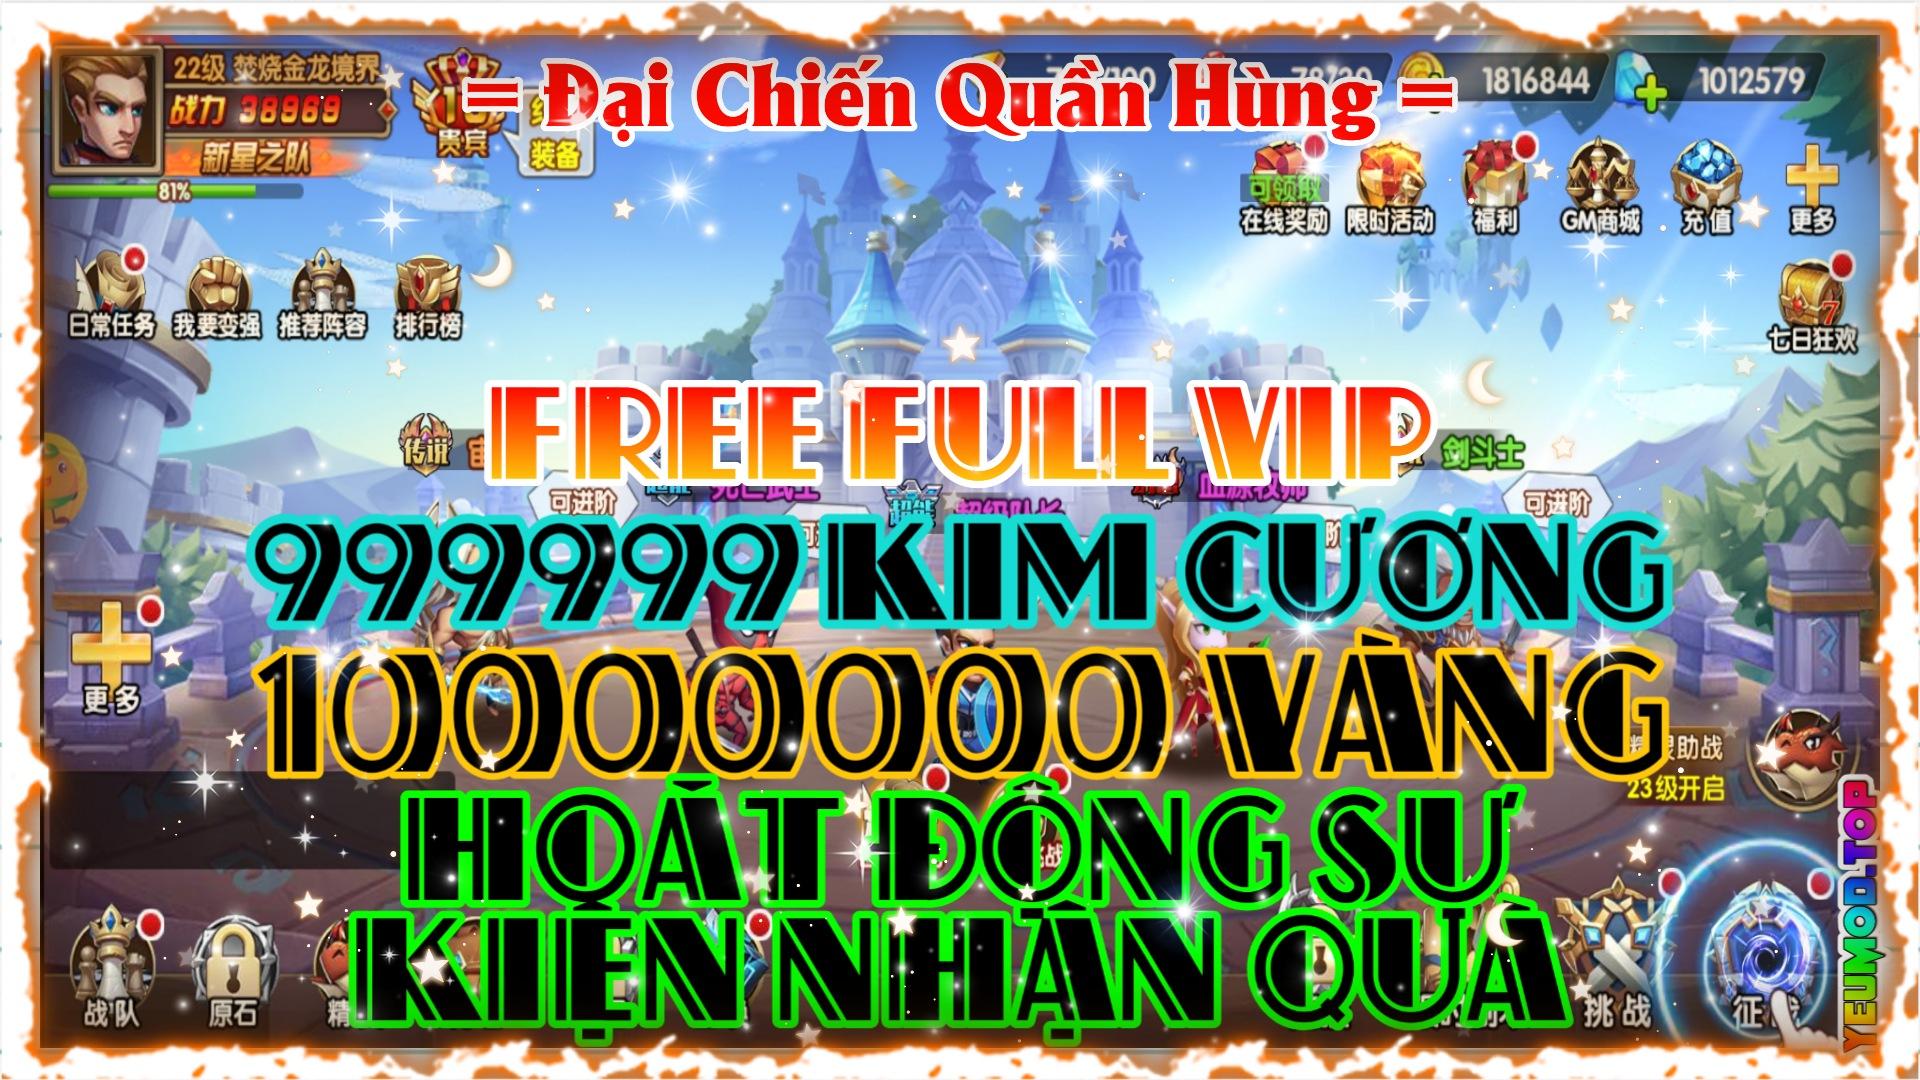 Đại Chiến Quần Hùng Private | Free Full VIP | 999999 Kim Cương | 10000000 Vàng | Hoạt Động Sự Kiện Nhận Quà 1